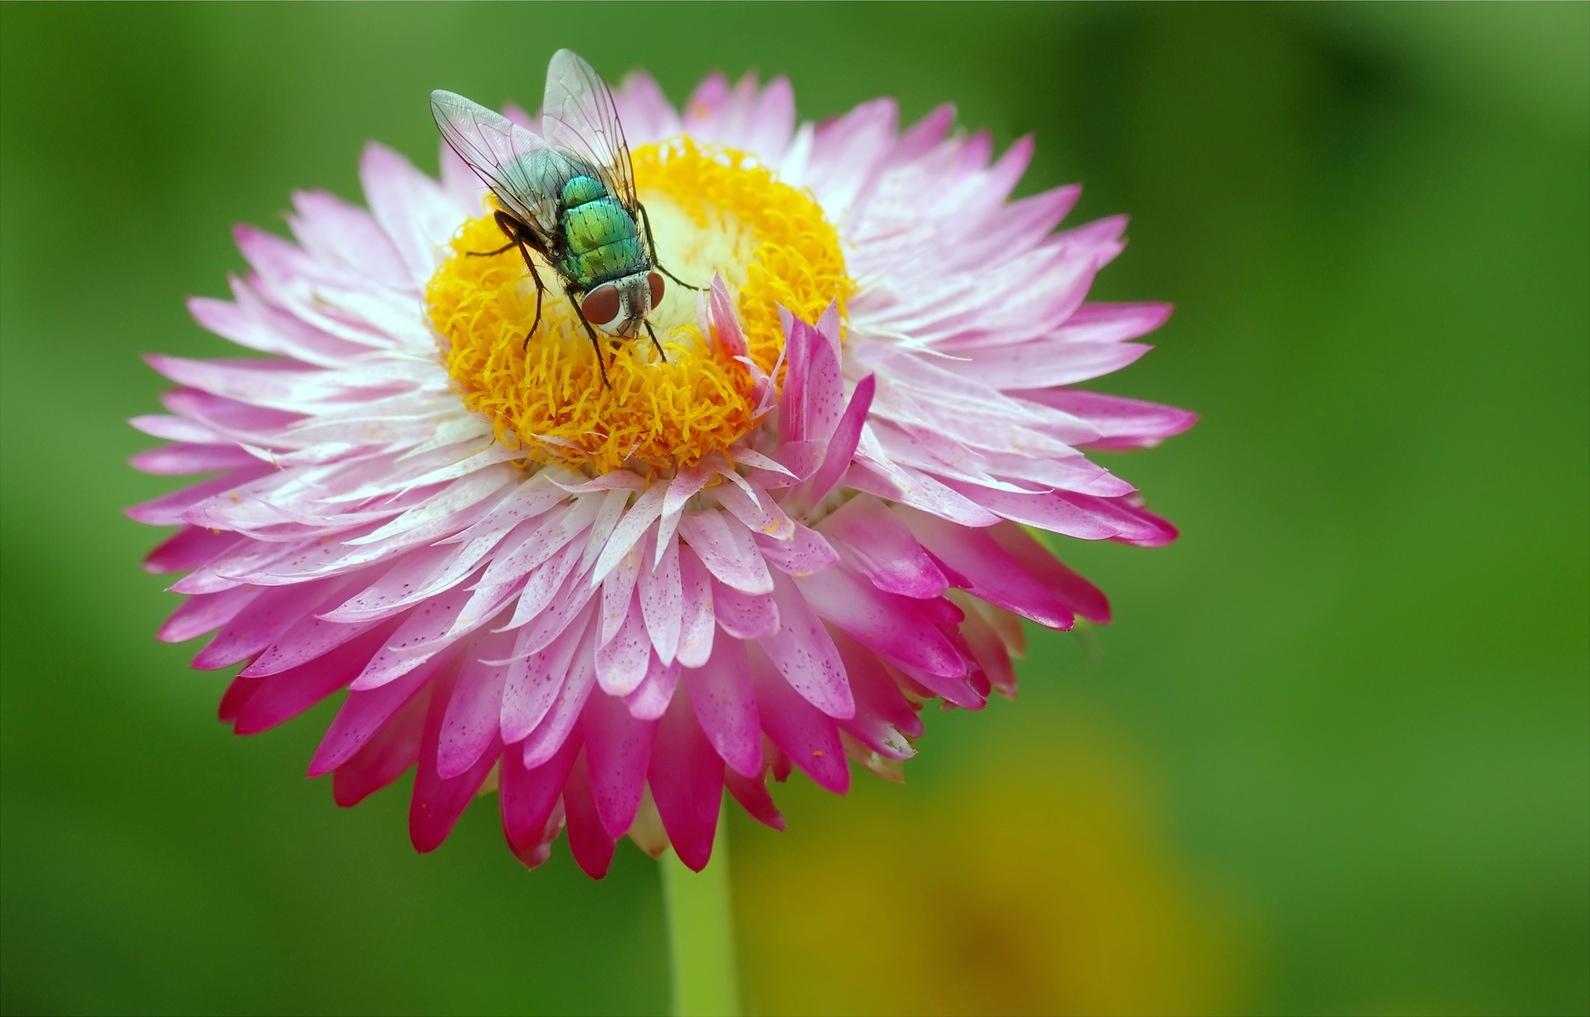 Una mosca y una flor - 1590x1017